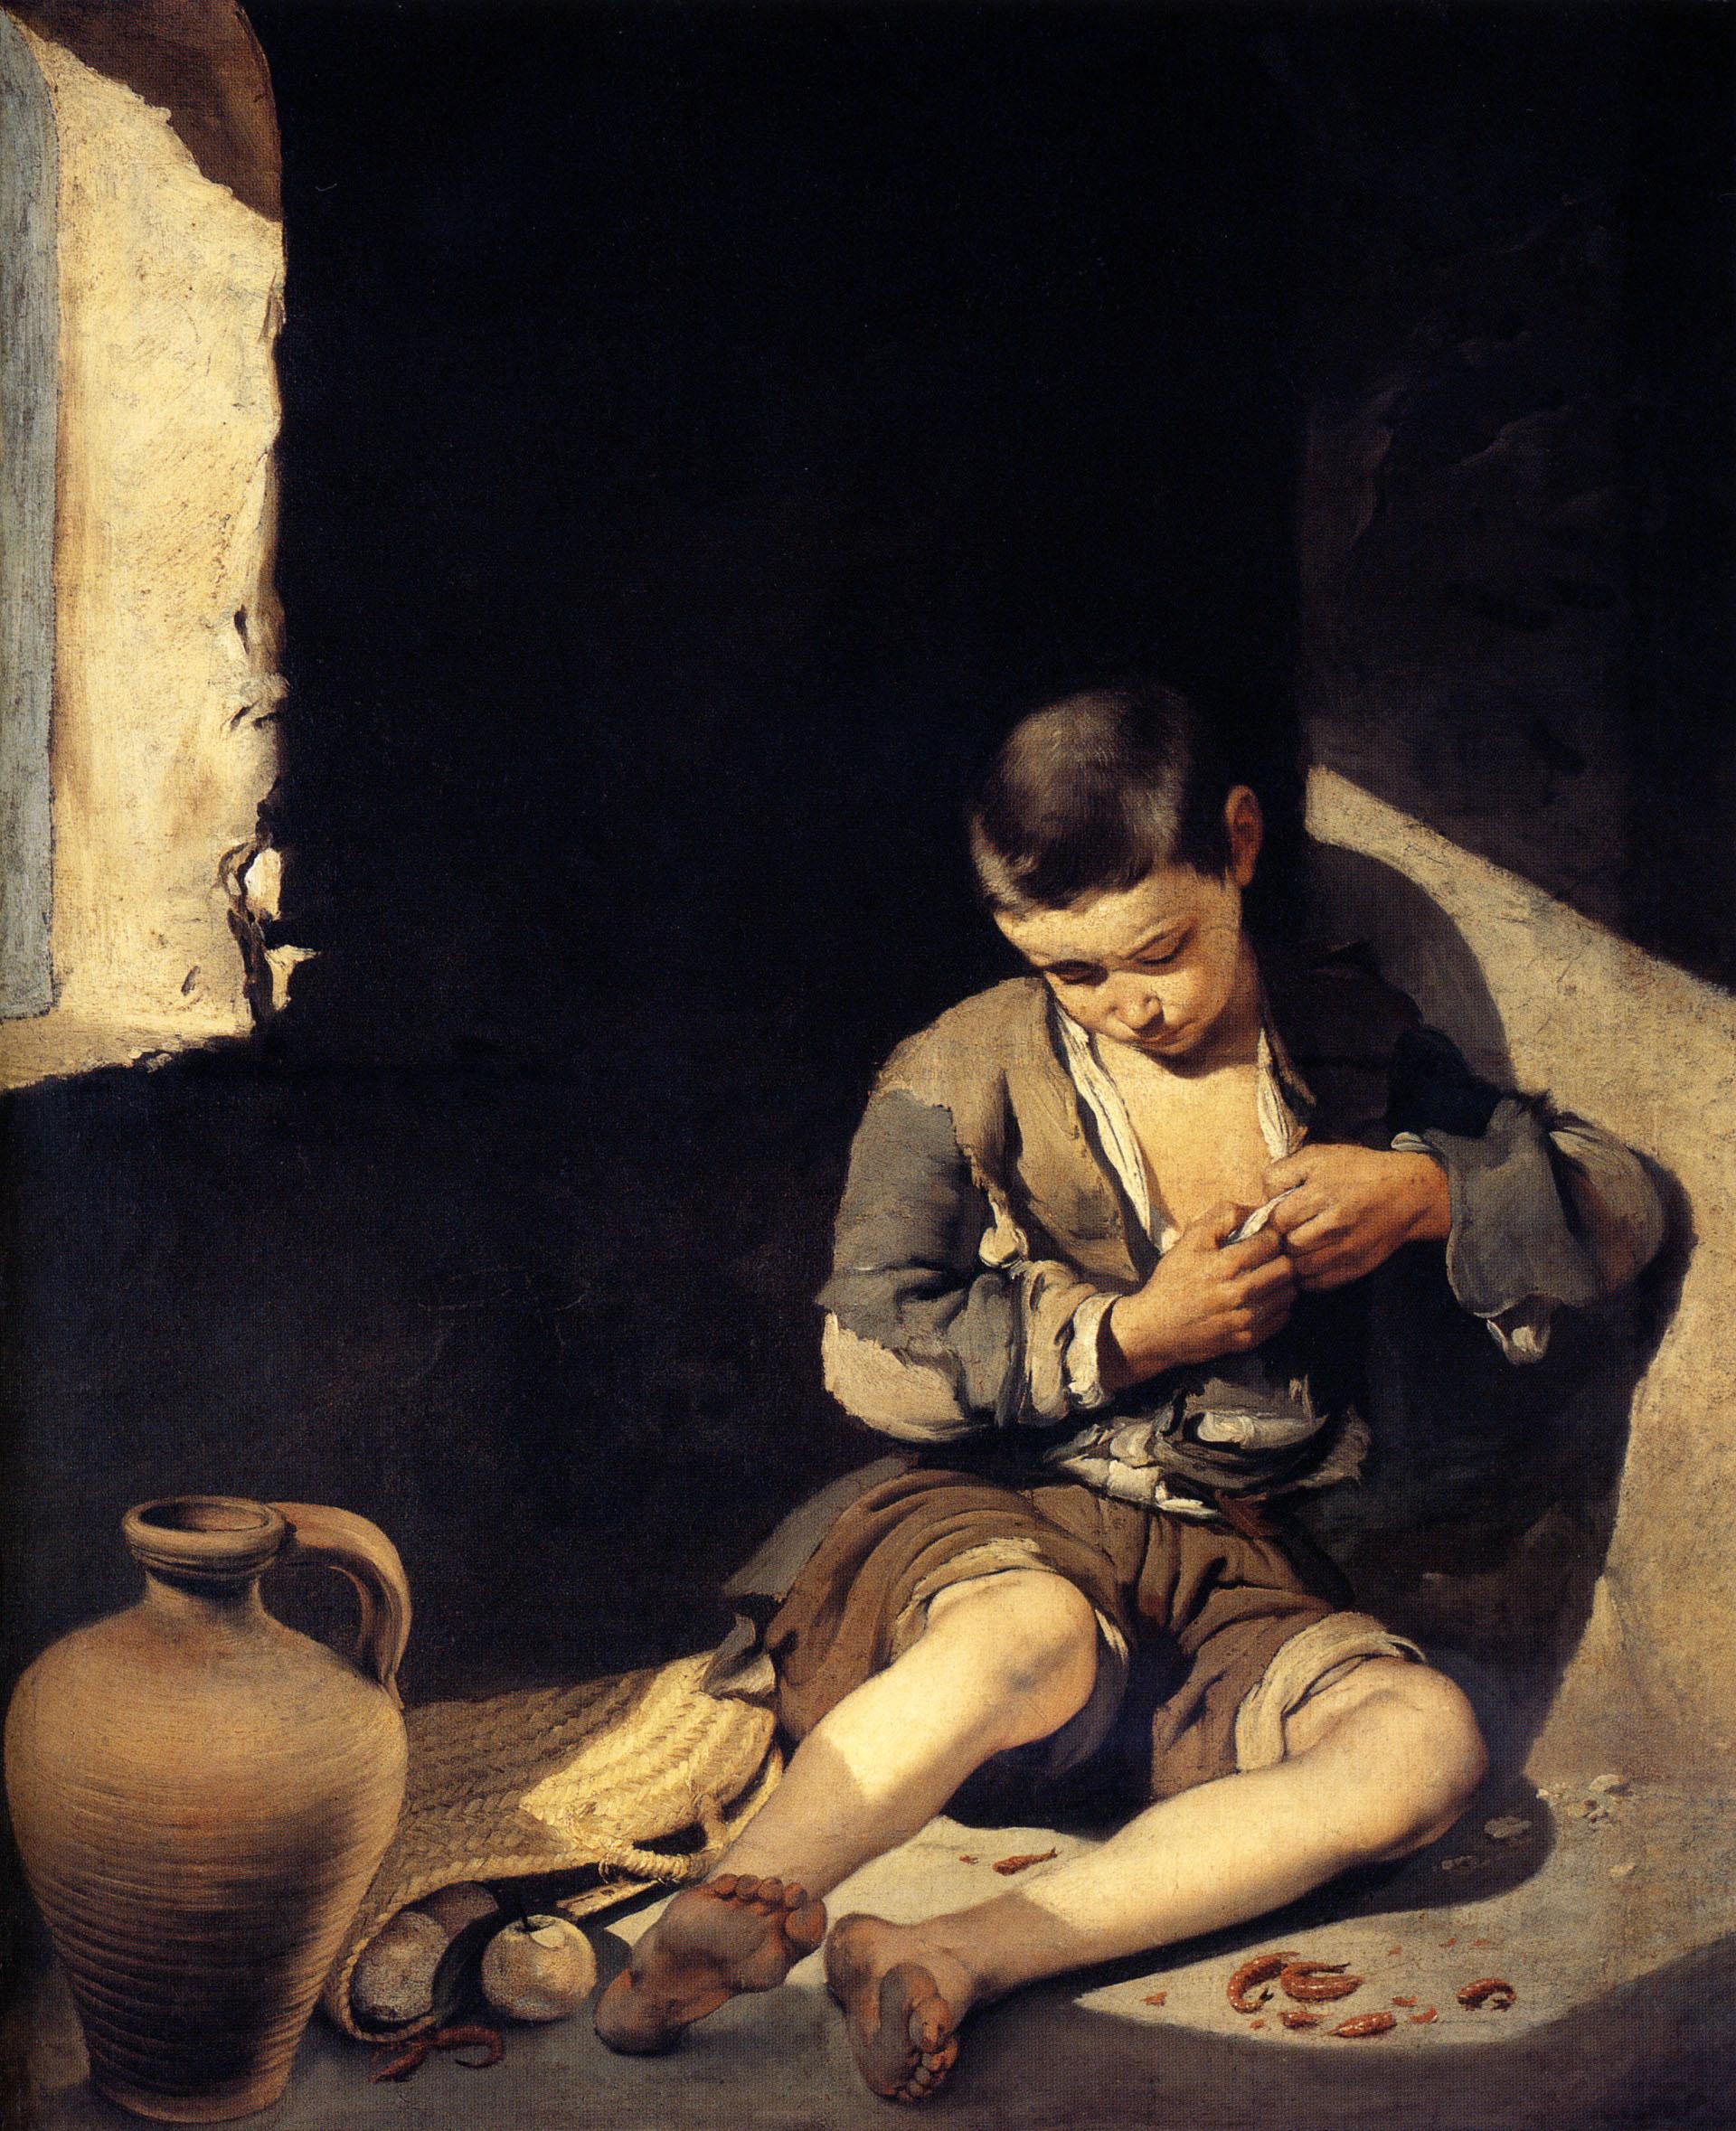 Bartolomé_Esteban_Murillo_-_The_Young_Beggar.JPG (1920×2357)